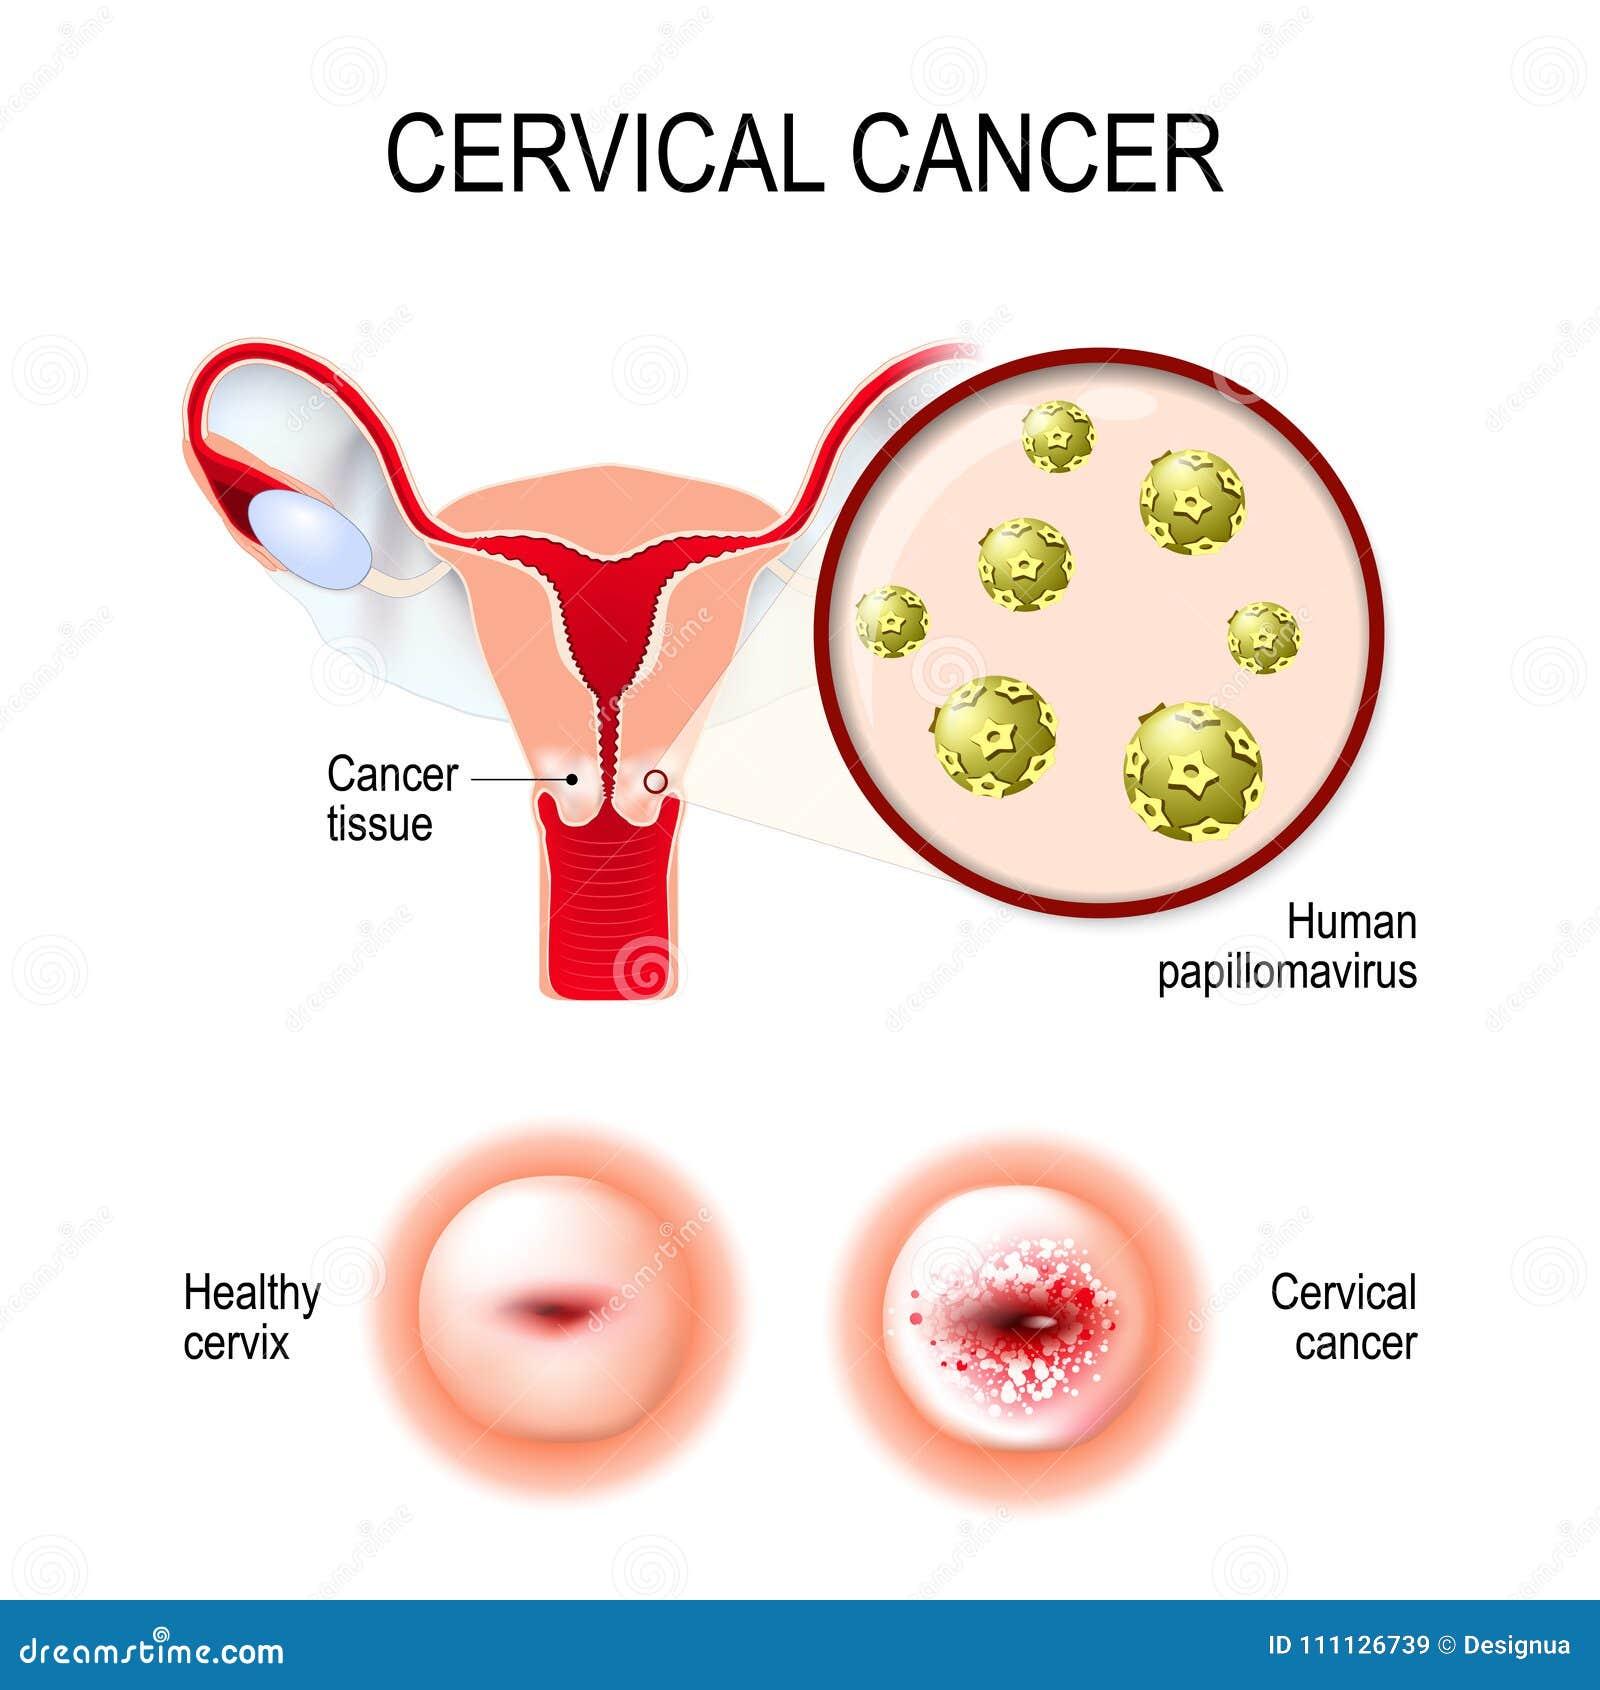 Cât de mult știți cu adevărat despre colul uterin? (Avertisment: Imagini grafice)